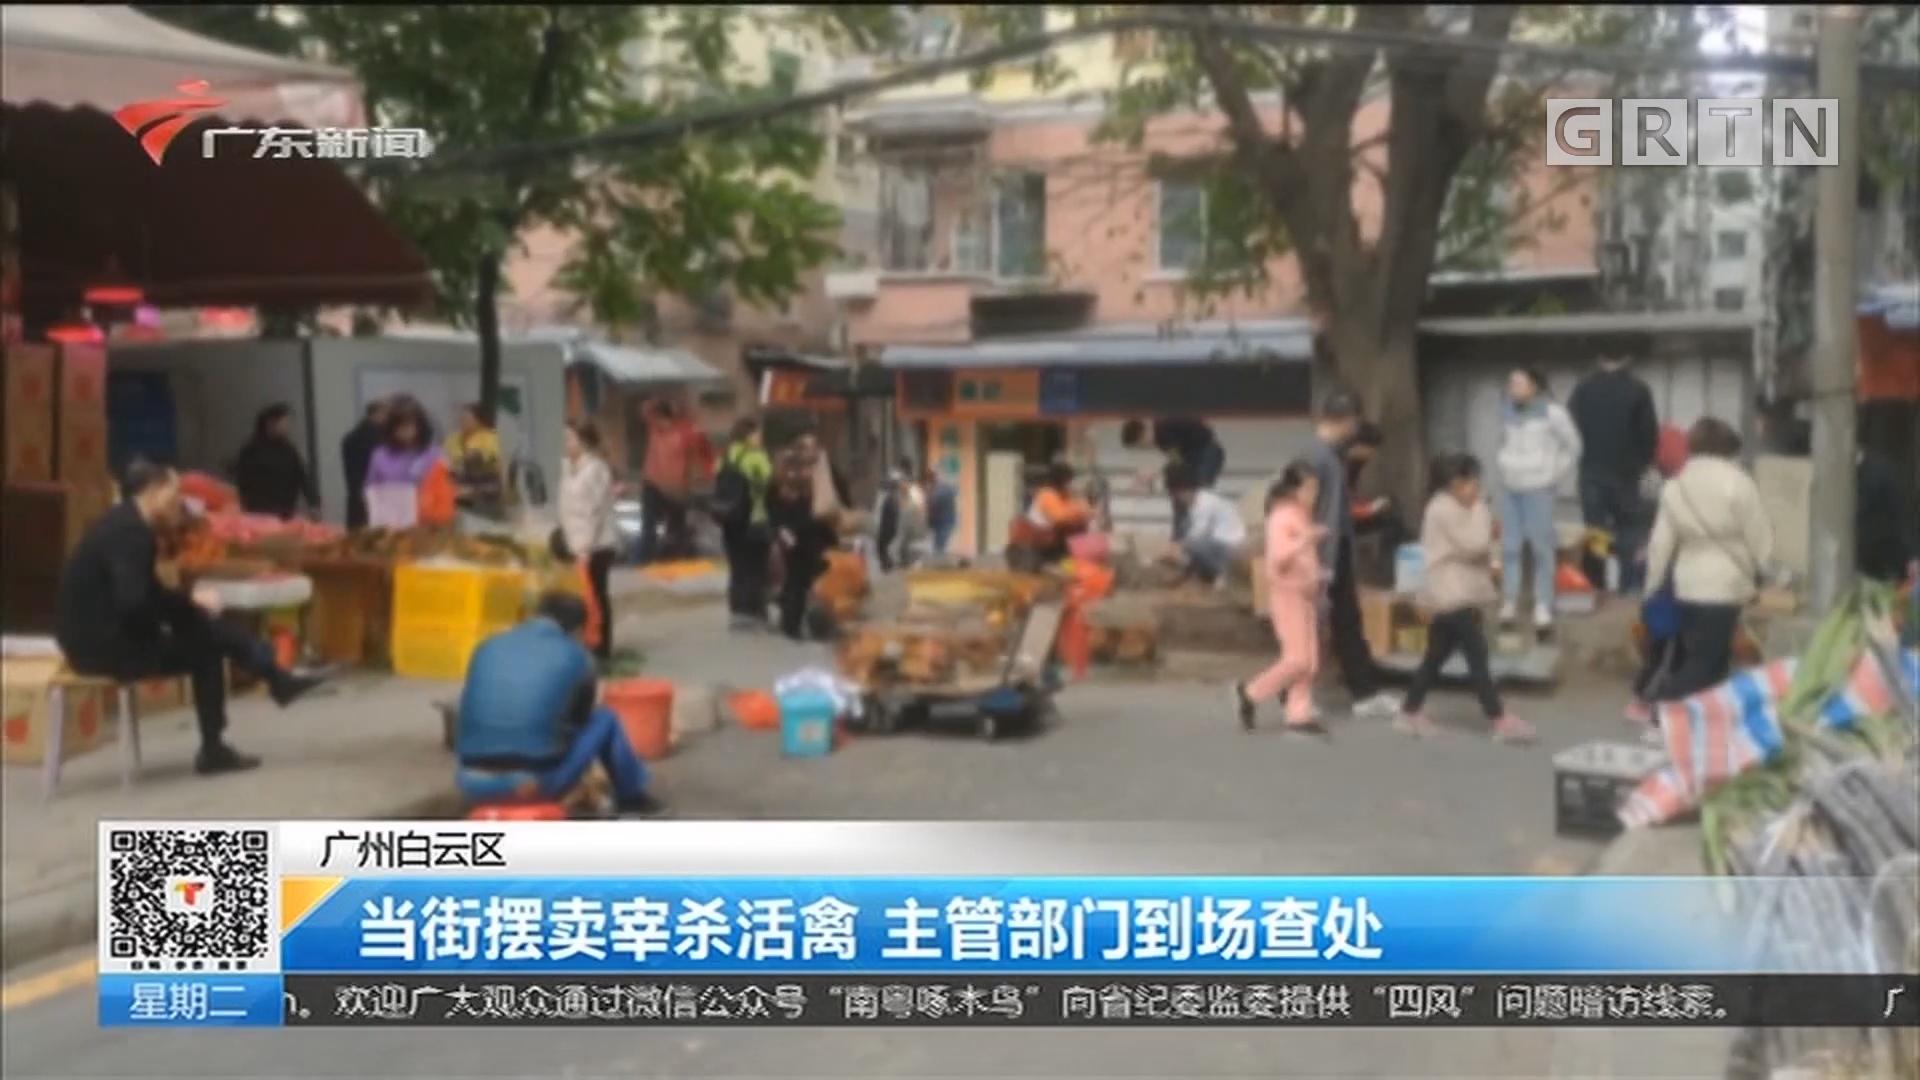 广州白云区:当街摆卖宰杀活禽 主管部门到场查处